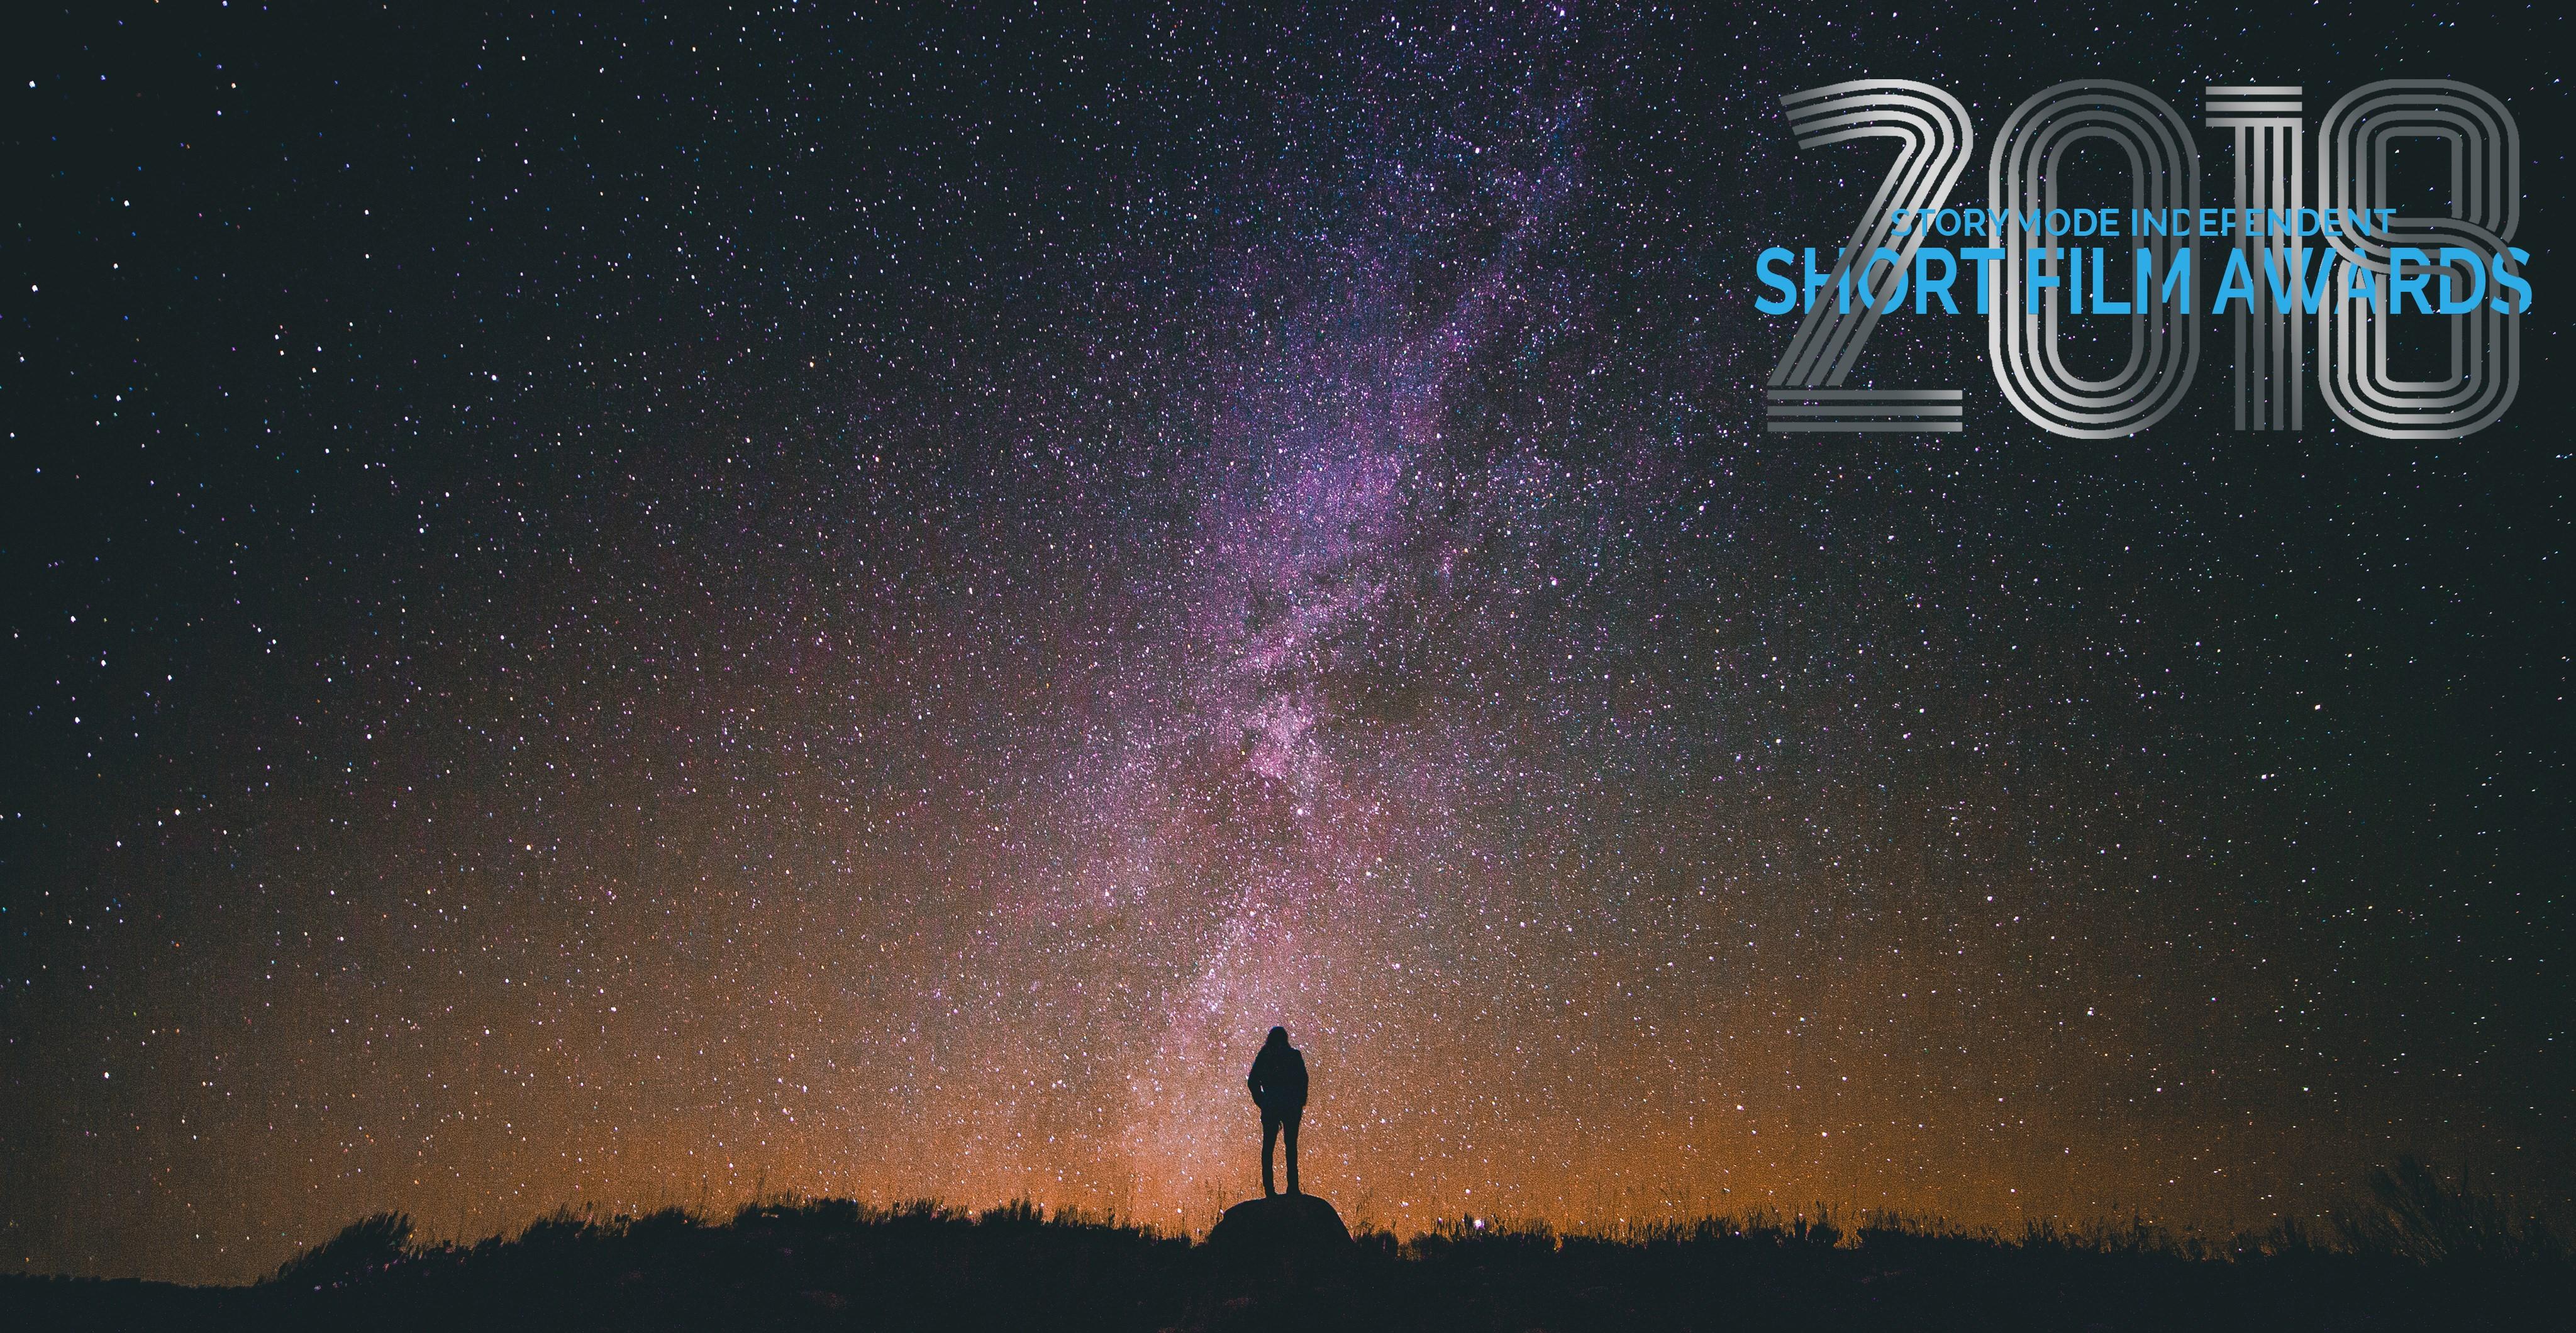 StoryMode Independent Short Film Awards (SISFA)